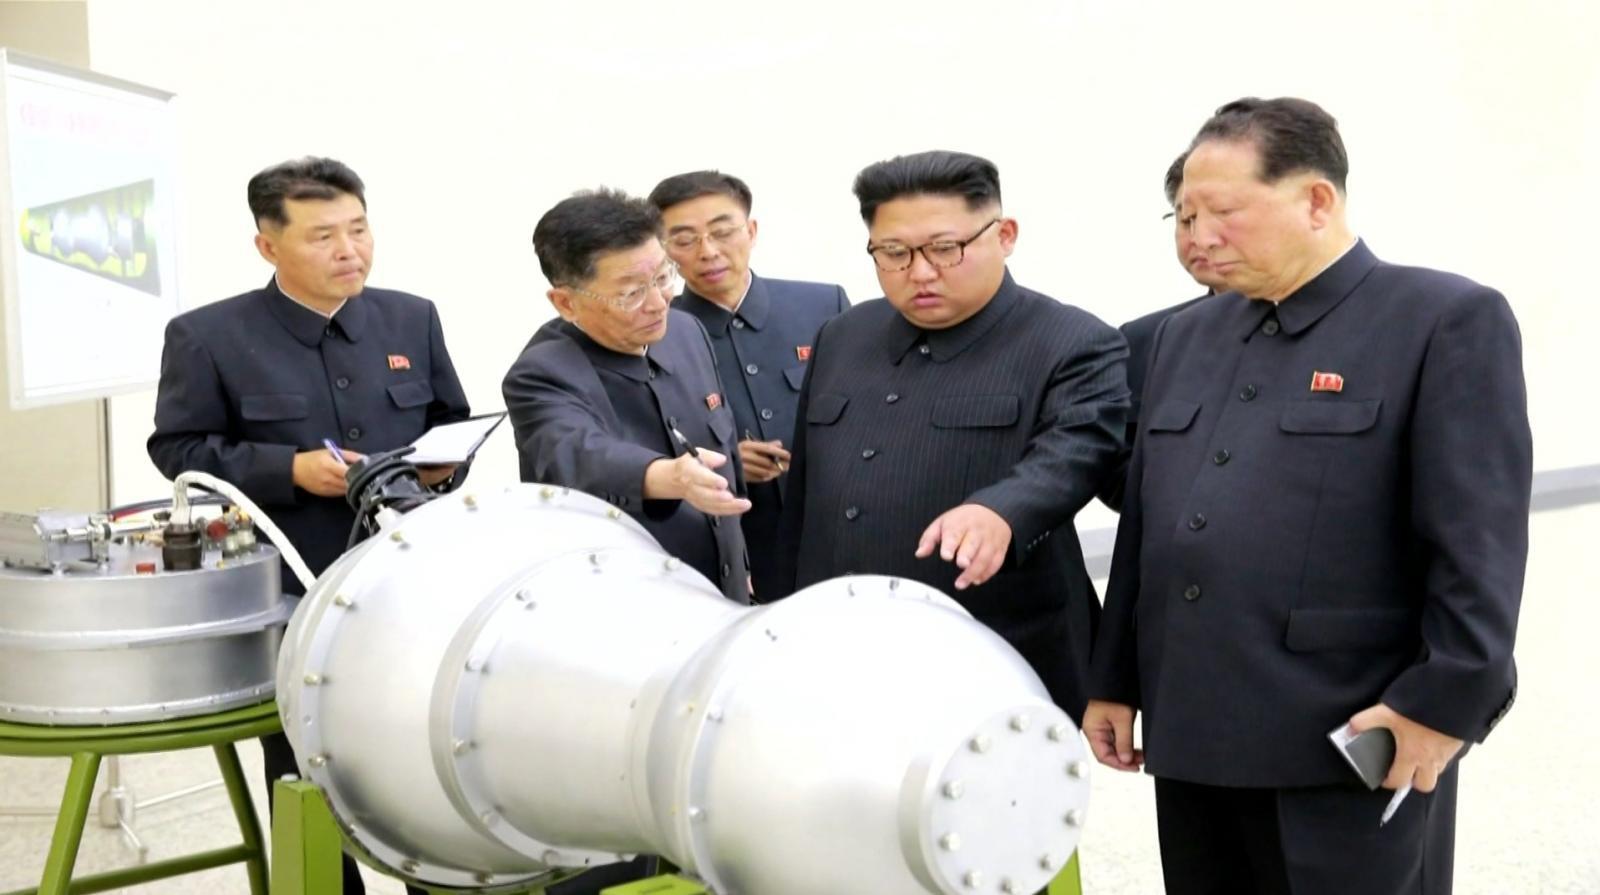 """รู้จัก """"สองนักวิทยาศาสตร์"""" เบื้องหลังอหังการขีปนาวุธโสมแดง"""